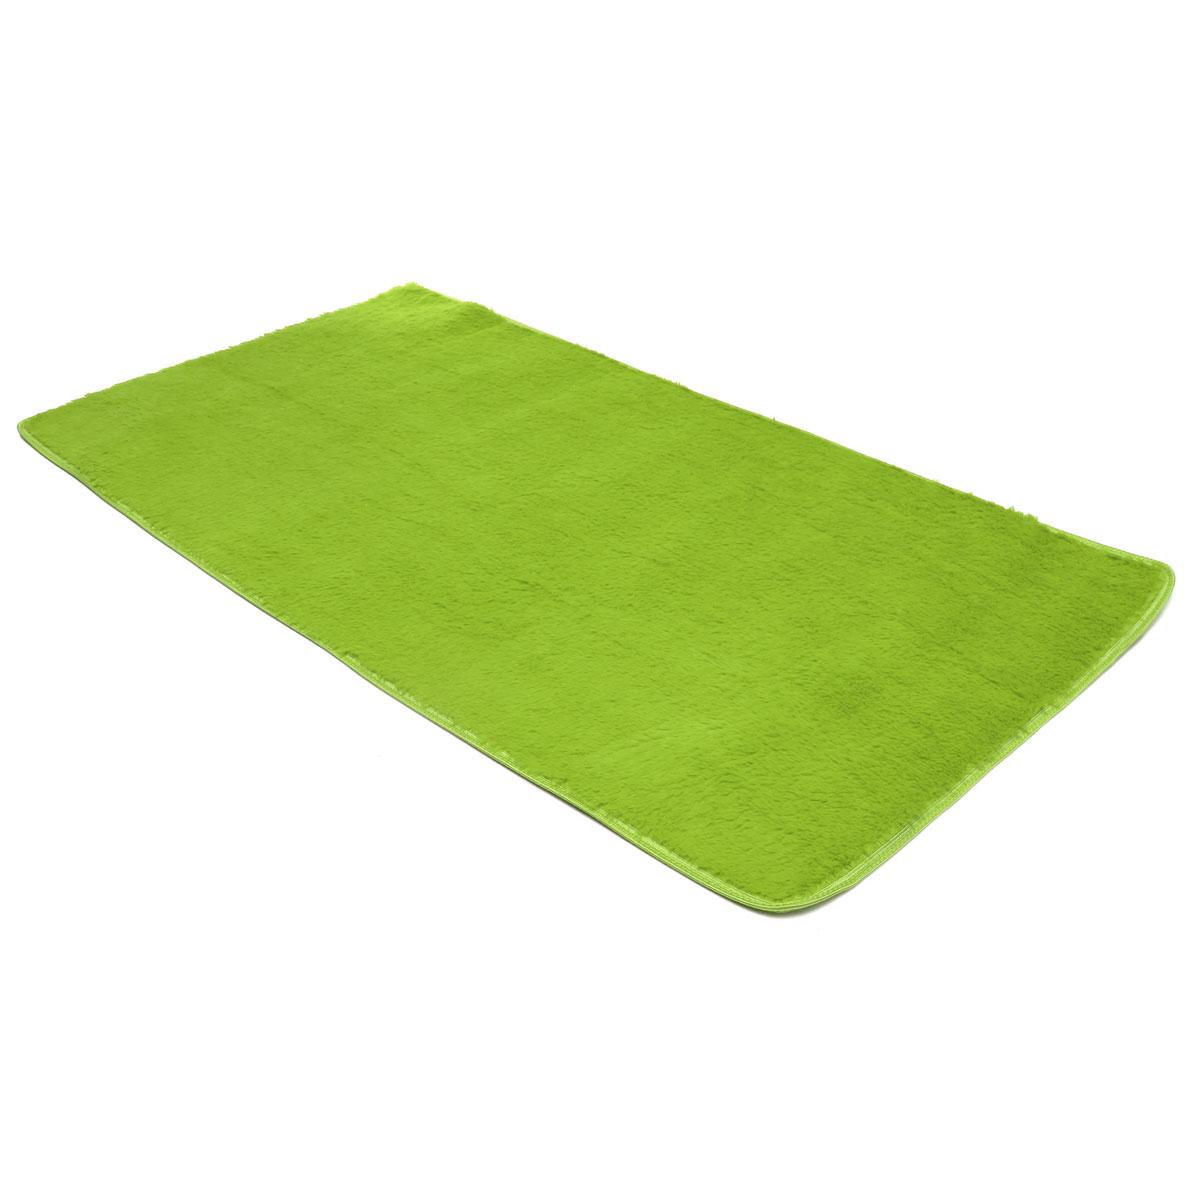 90x160cm Bedroom Fluffy Floor Mat Soft Shaggy Blanket Non Slip Living Room Rug